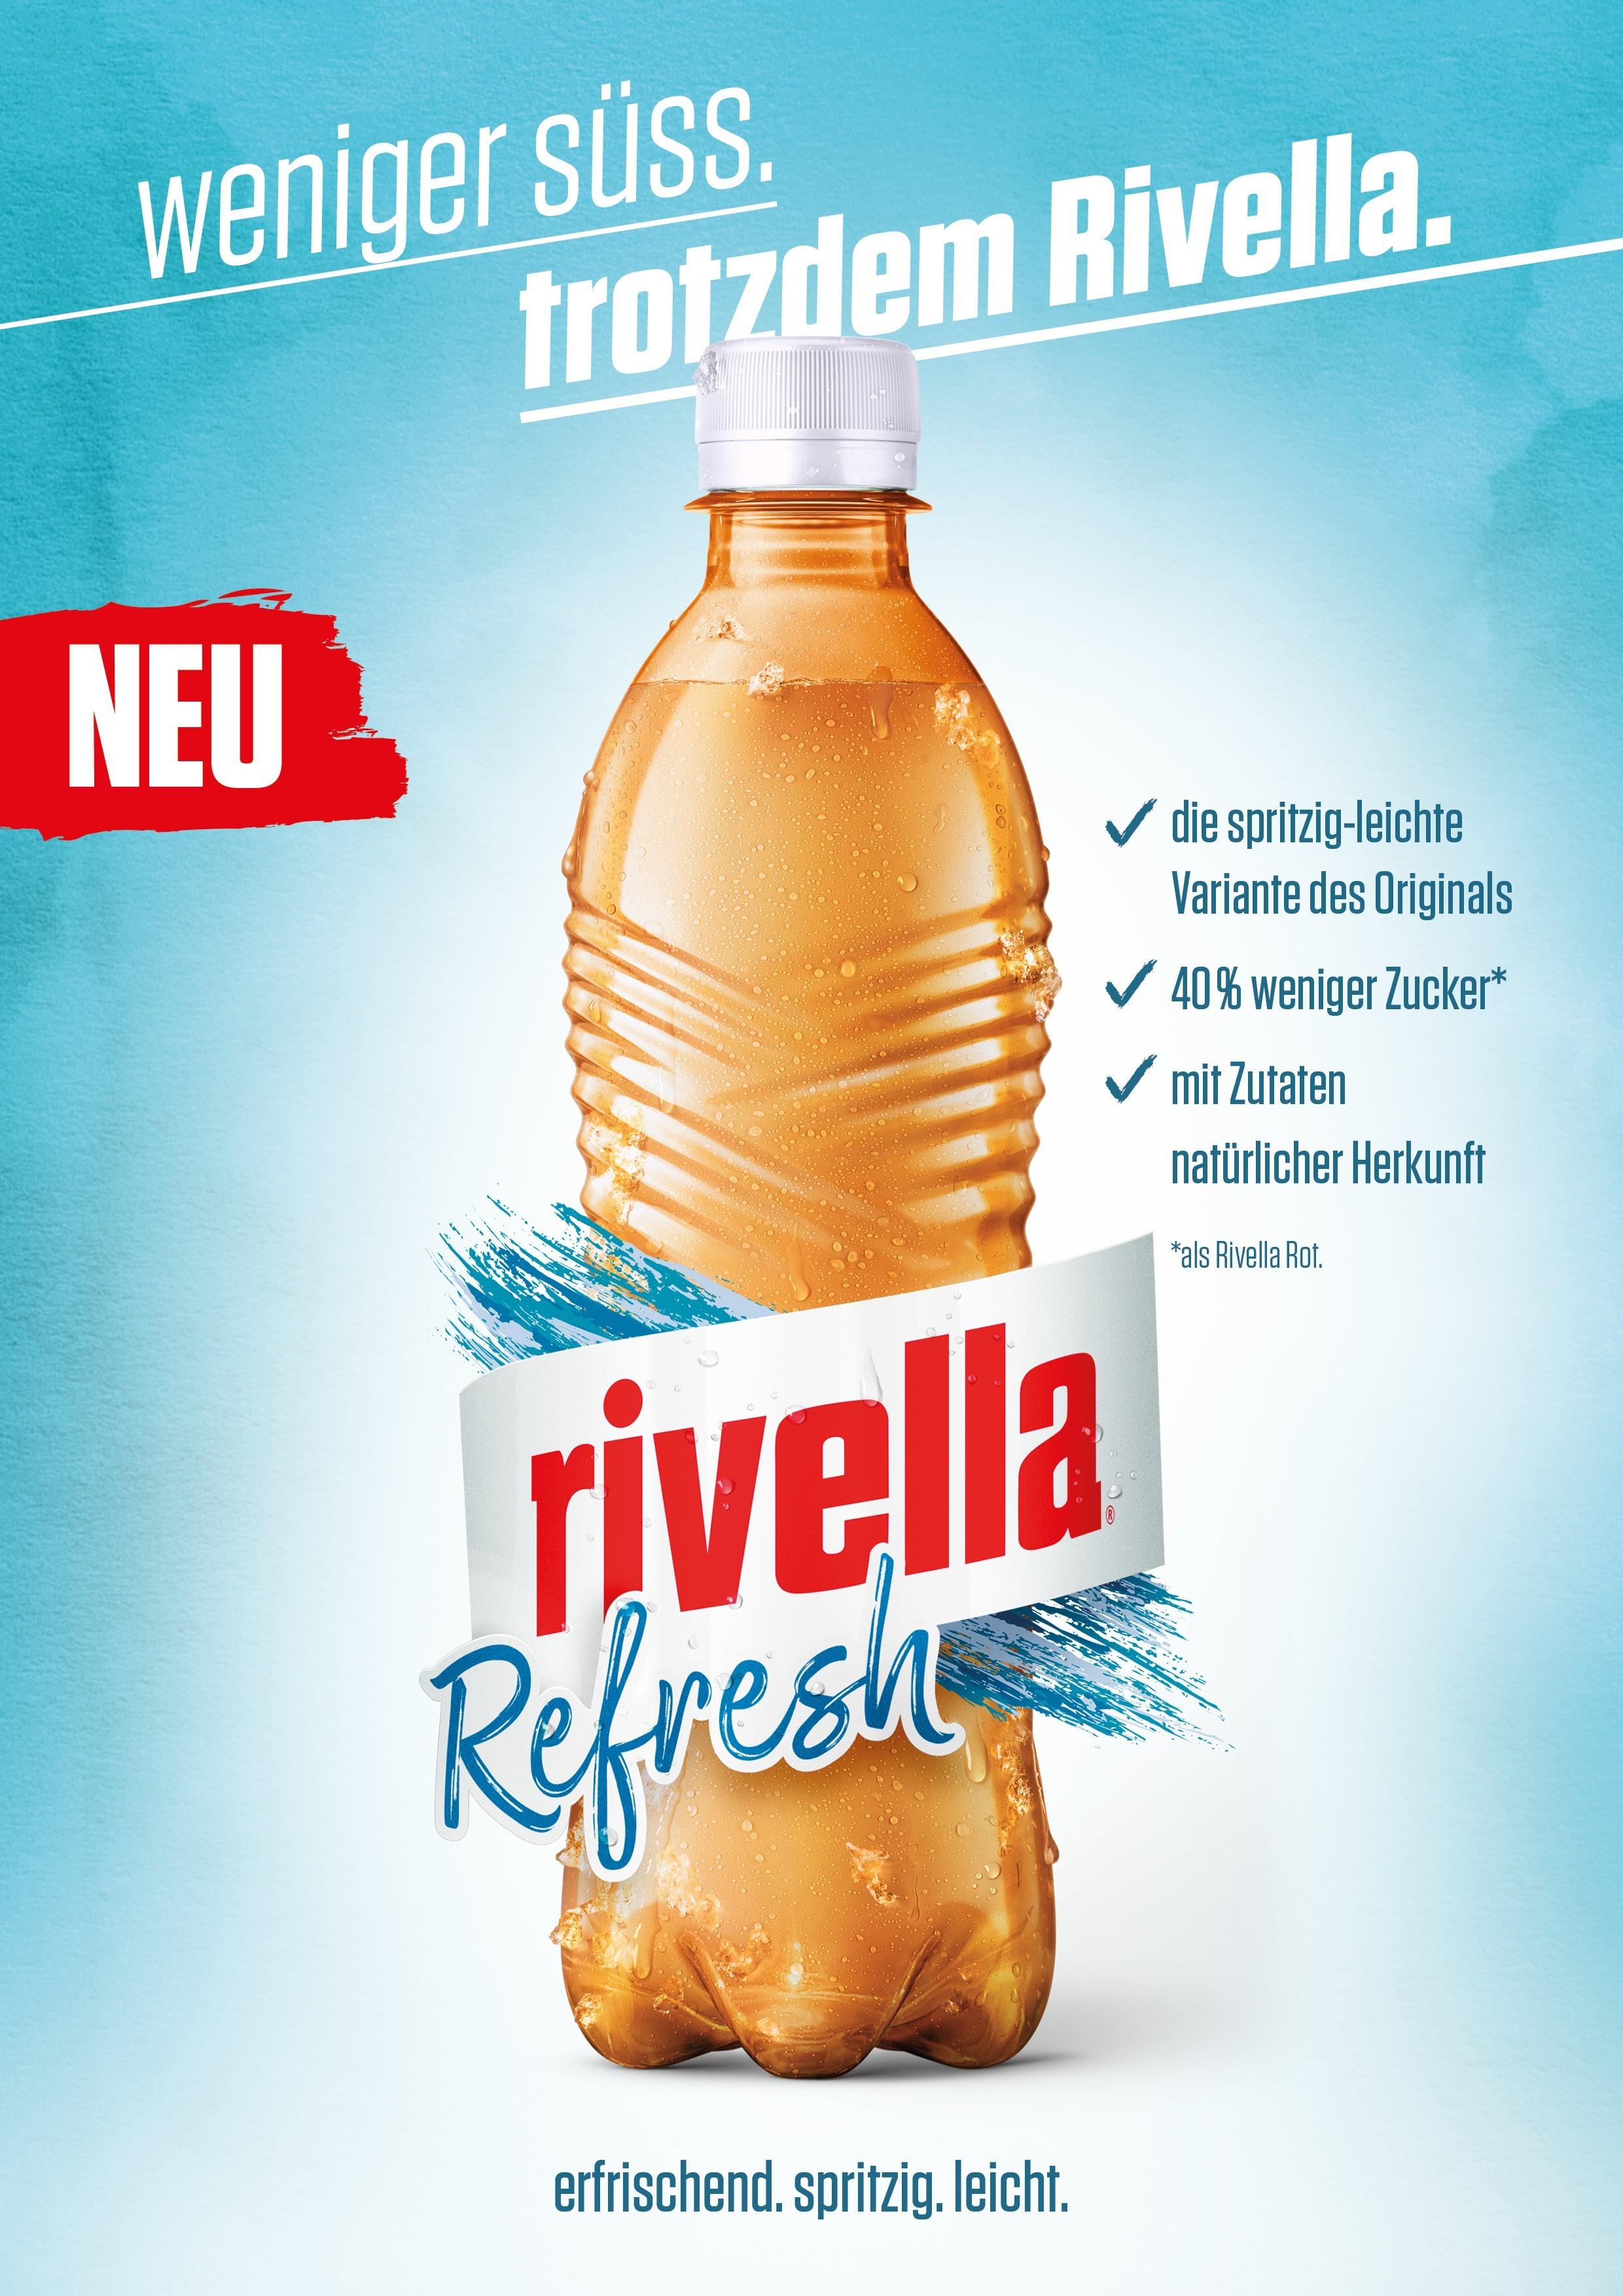 Neuer 0,50€ Coupon für Rivella Refresh 1,0l bis 31.03.2019